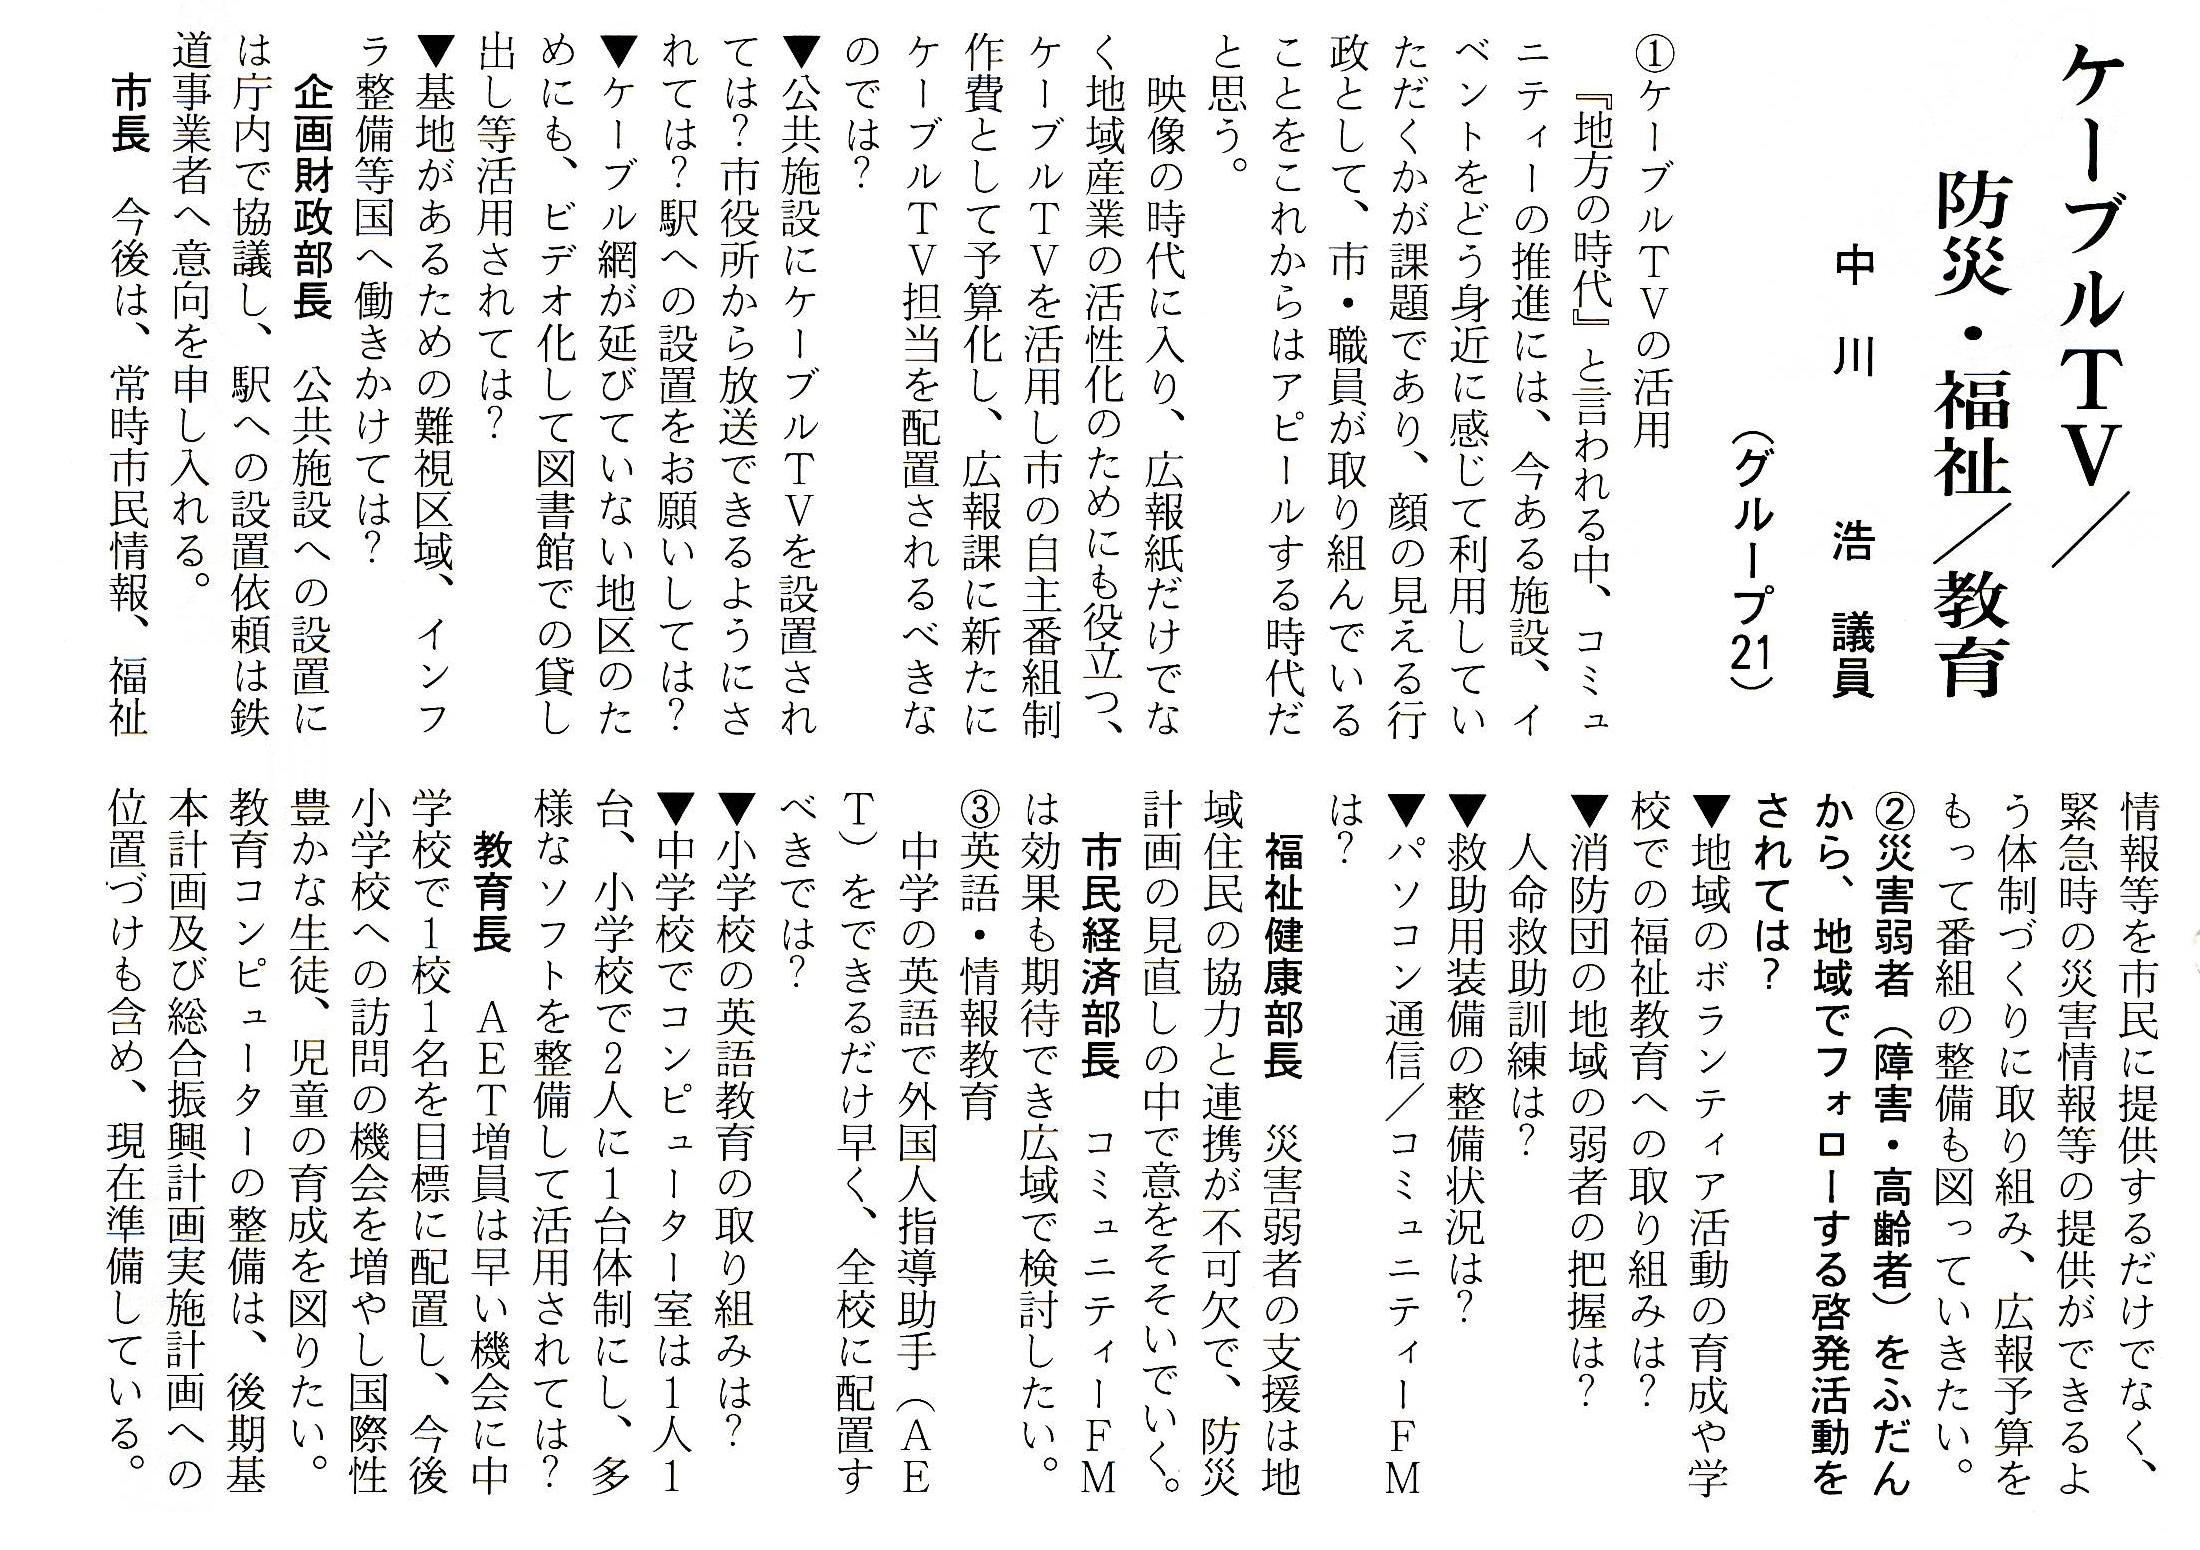 ケーブルTV / 防災・福祉 / 教育